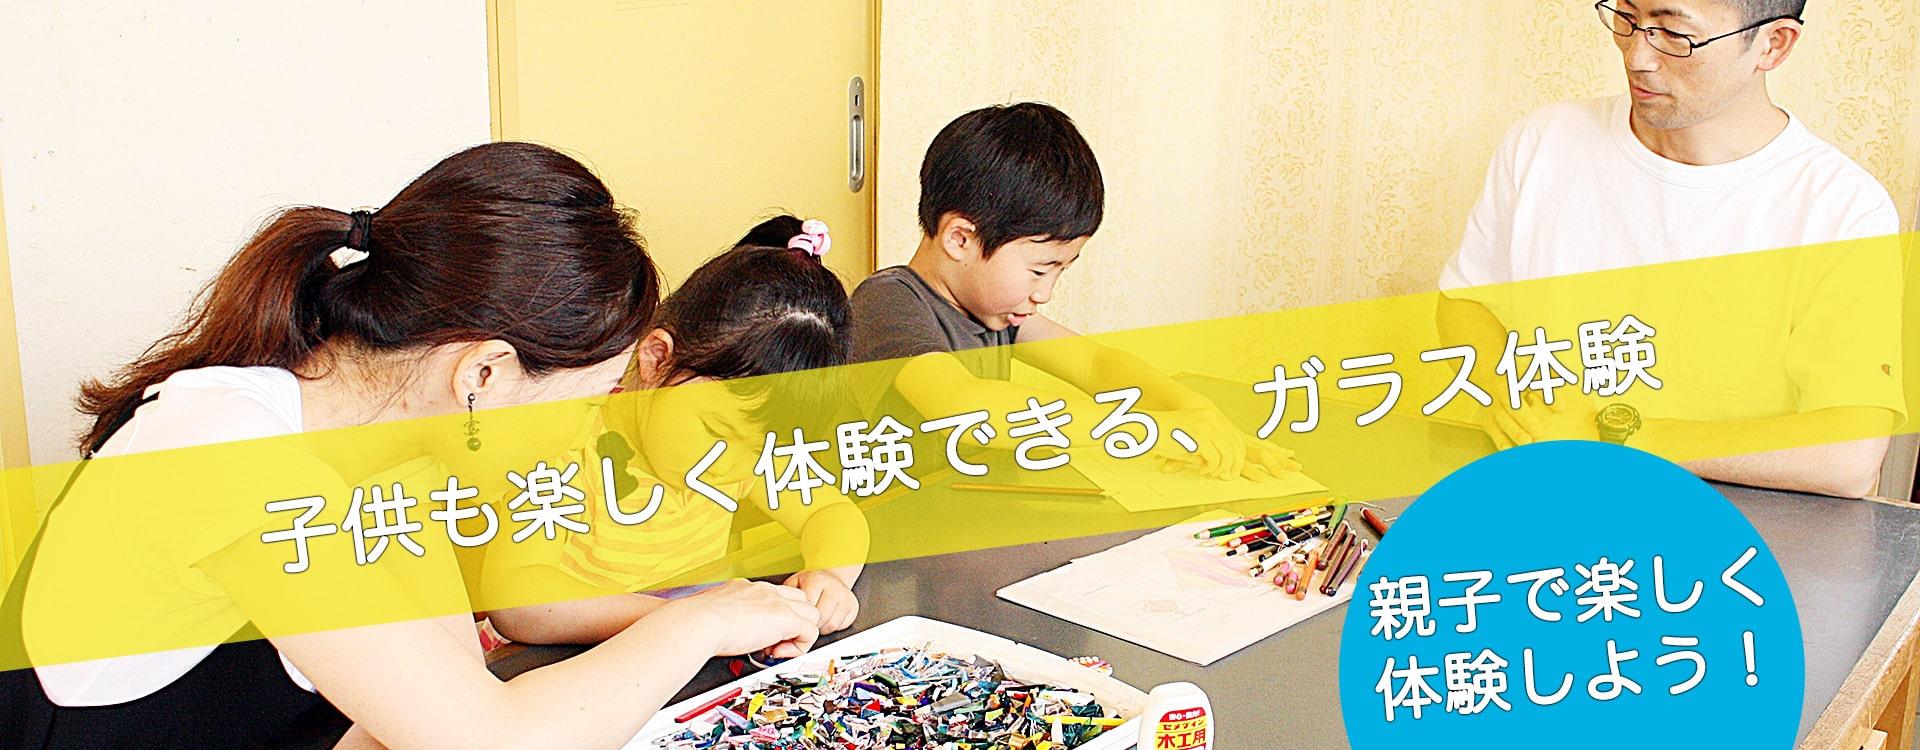 沖縄子供手作りガラス体験